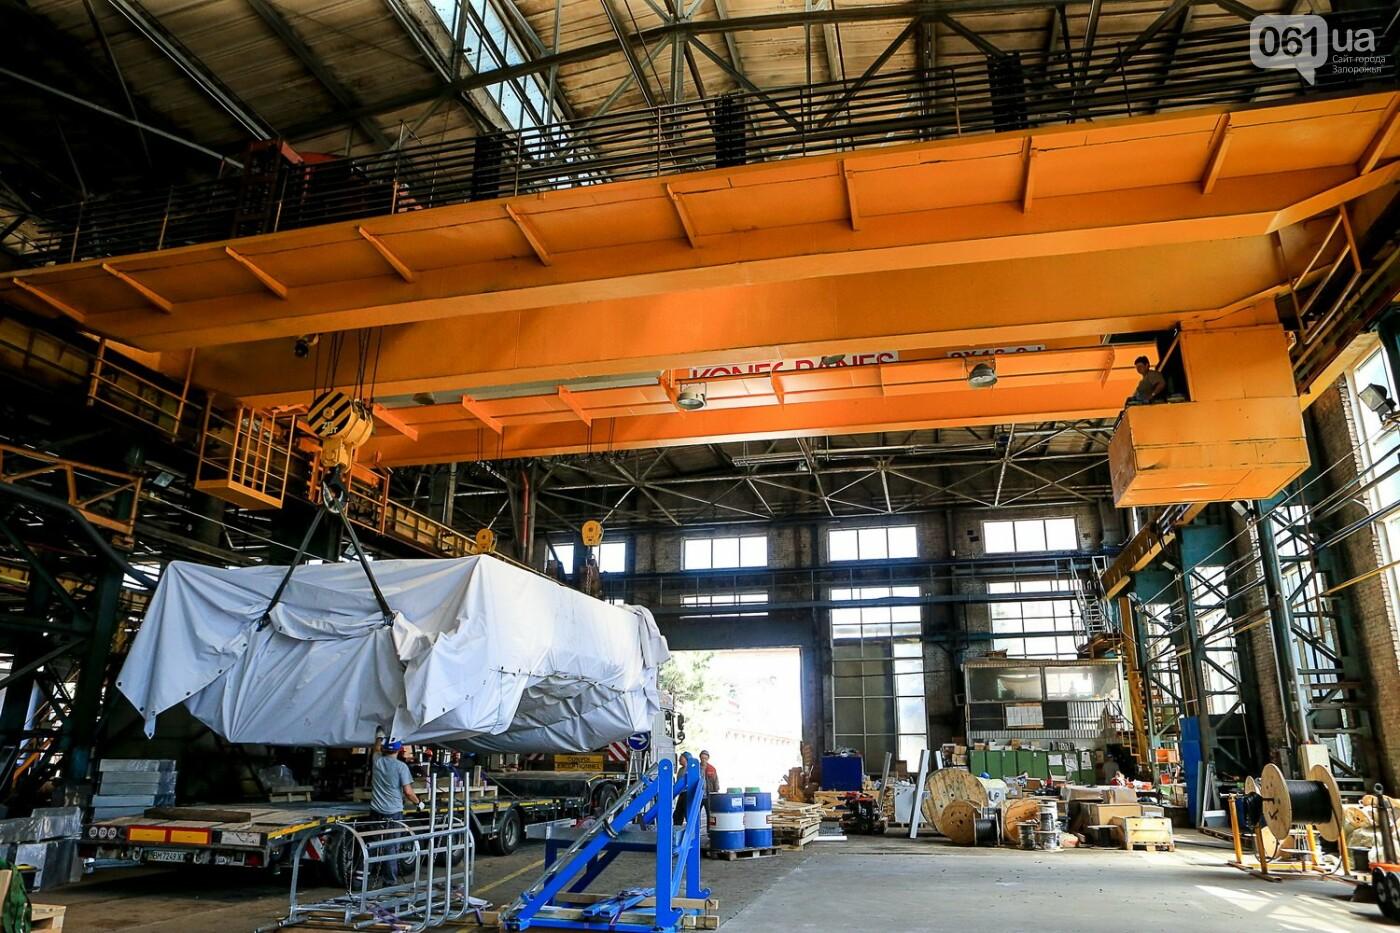 Как в Запорожье работает крупнейший в Европе завод по производству кранов: экскурсия на производство, — ФОТОРЕПОРТАЖ, фото-63